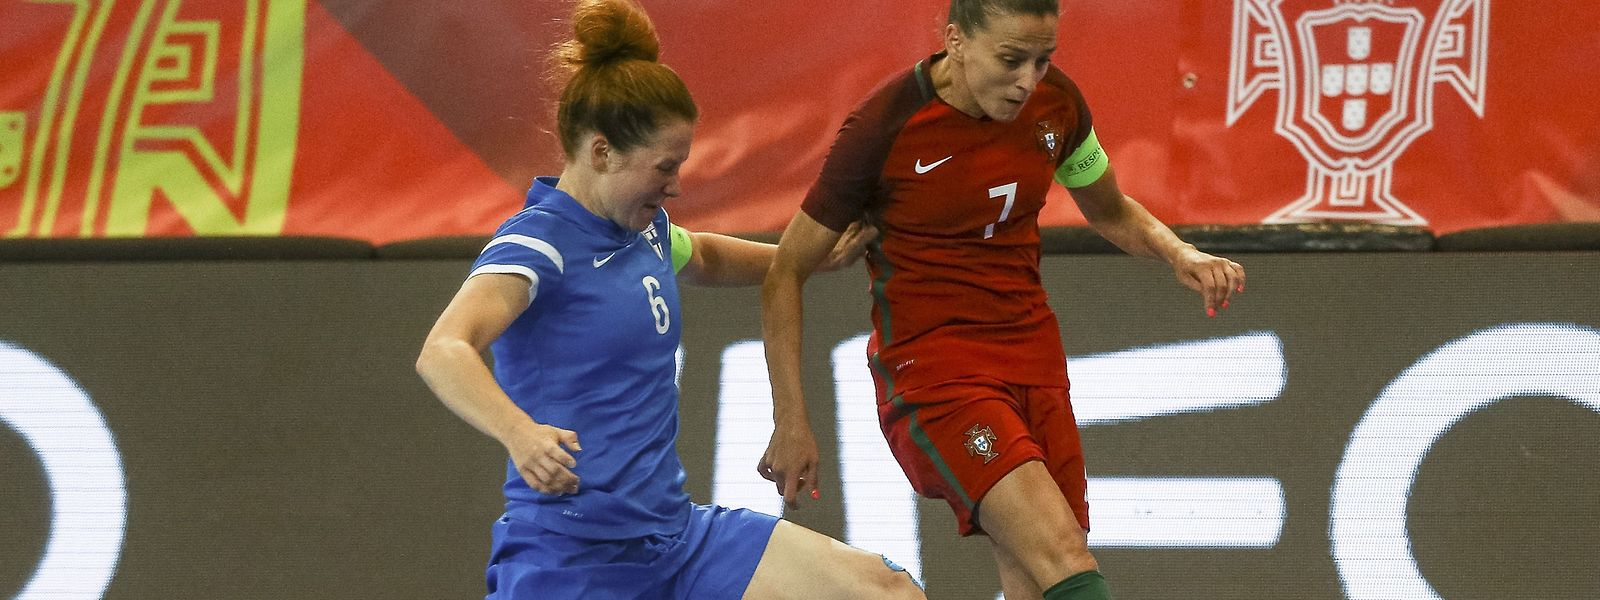 A capitã portuguesa, Ana Azevedo (dta.) foi uma das melhores jogadoras lusas frente à Filândia.